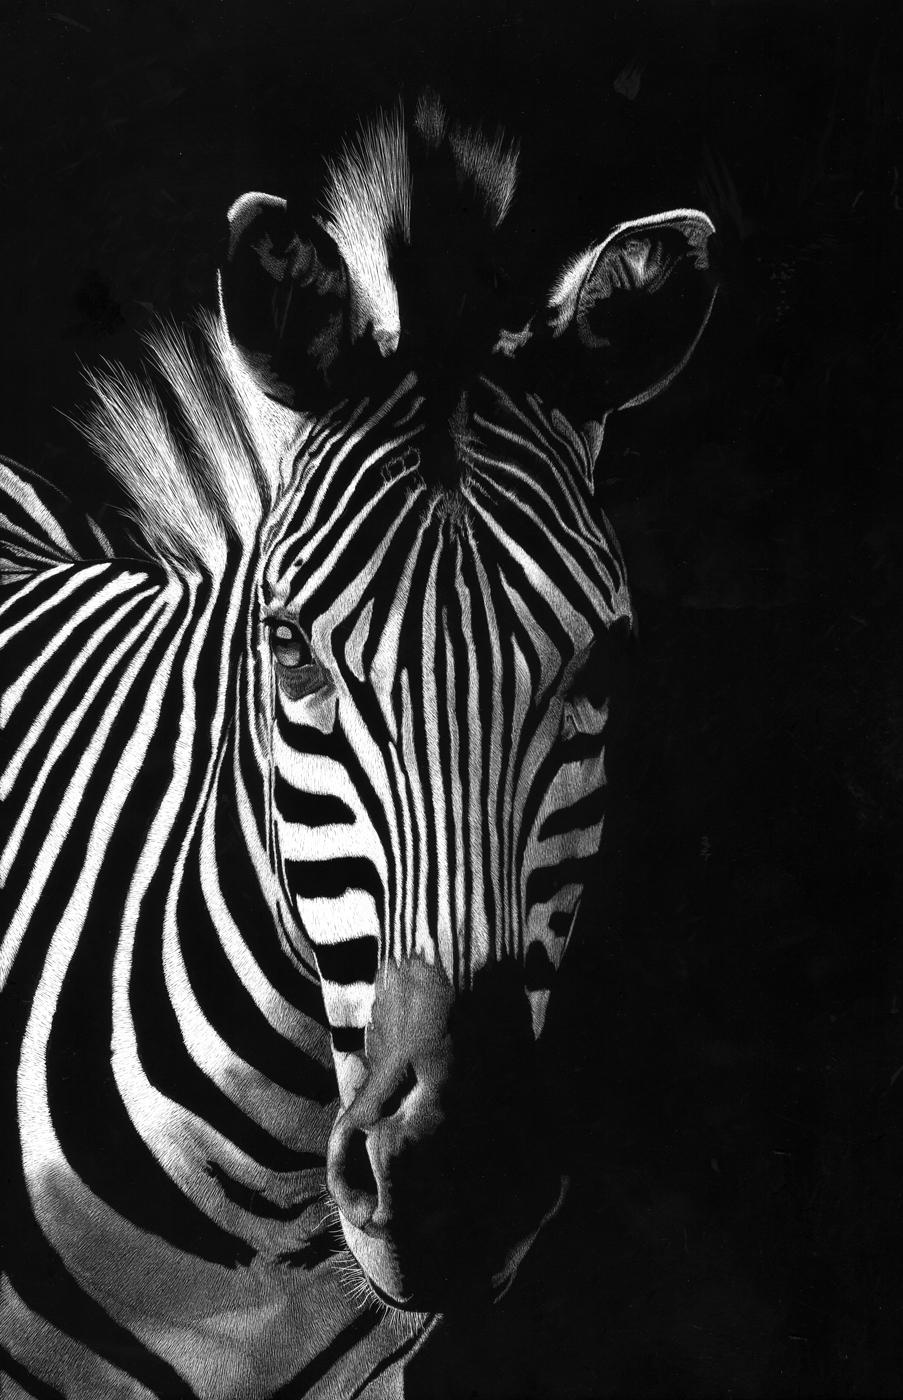 Striped Beauty1